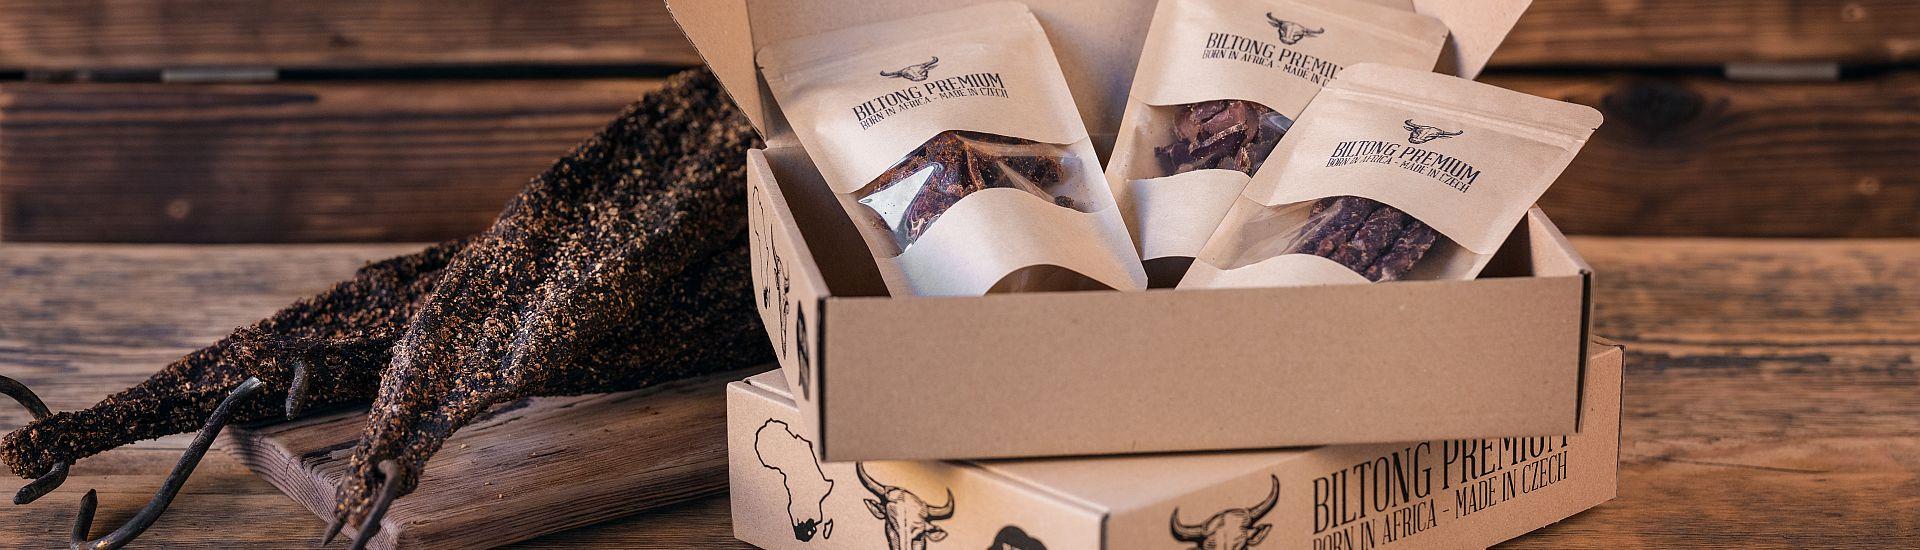 Sušené hovězí maso Biltong Premium